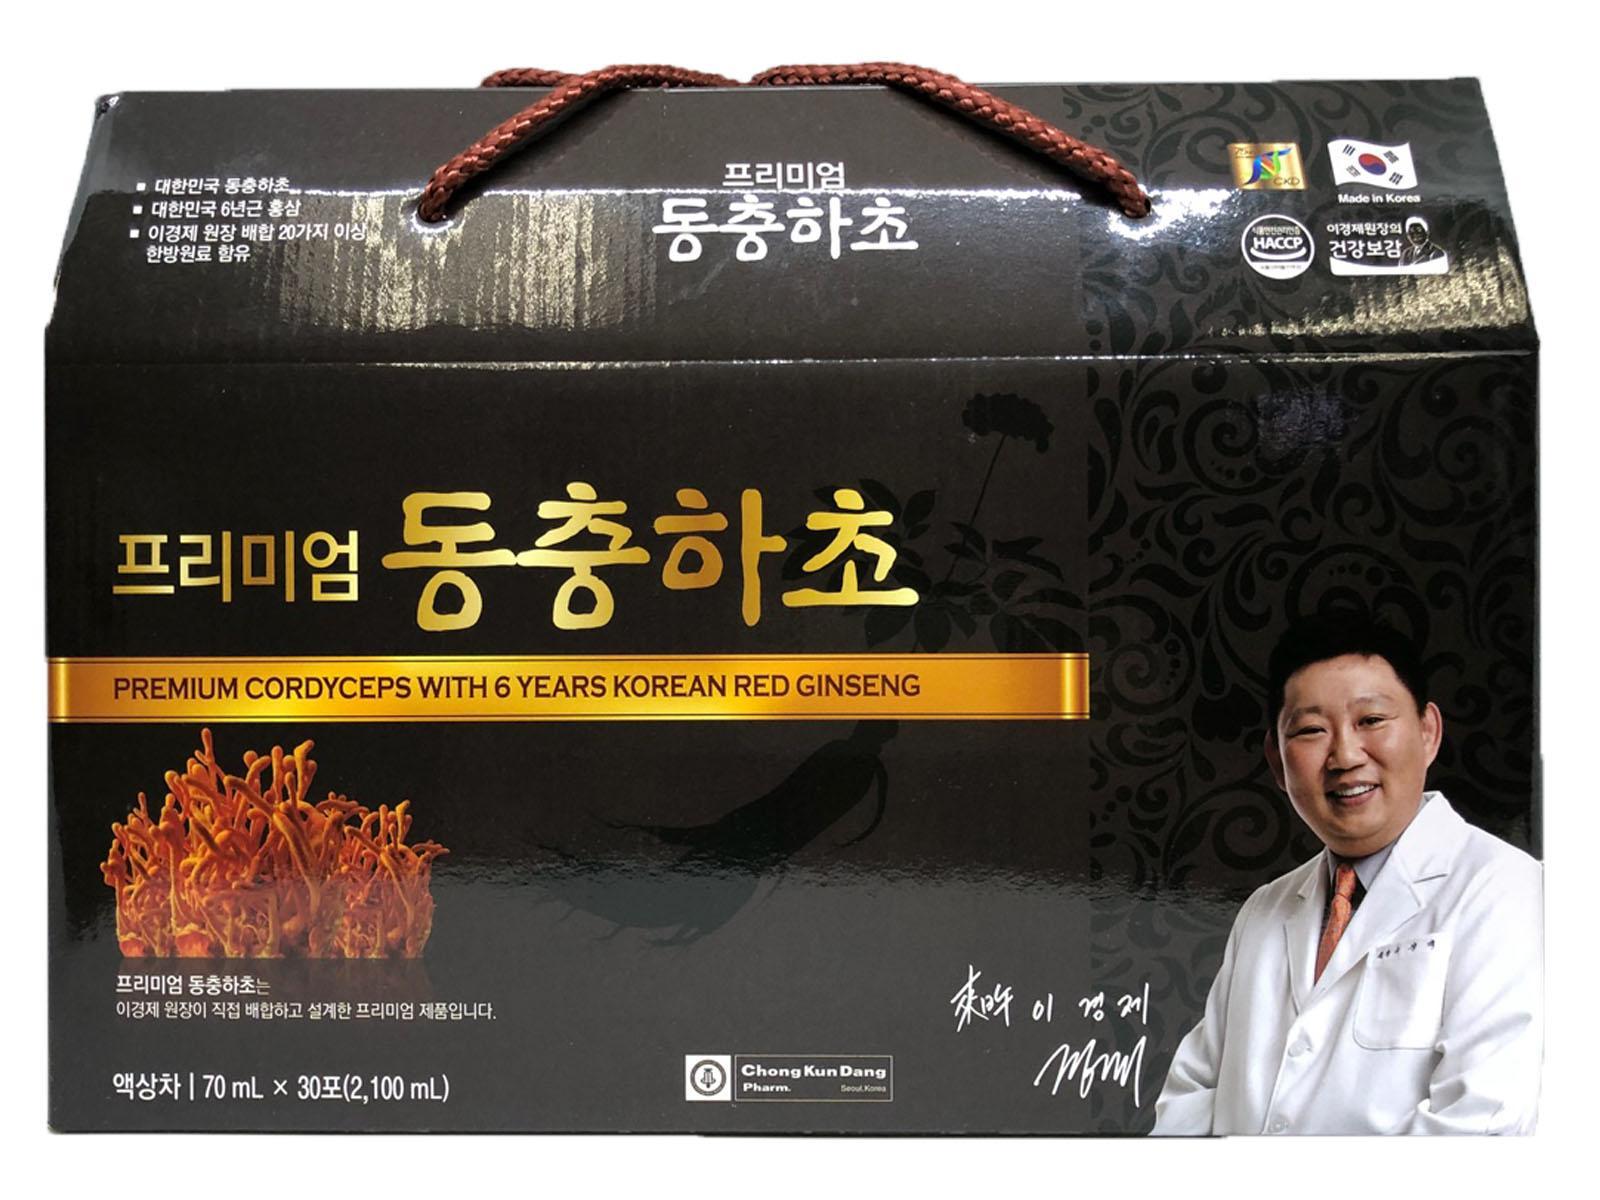 Chiết xuất Đông trùng và Hồng sâm Hàn Quốc 6 năm tuổi Chong Kun Dang 70ml x 30 gói nhập khẩu